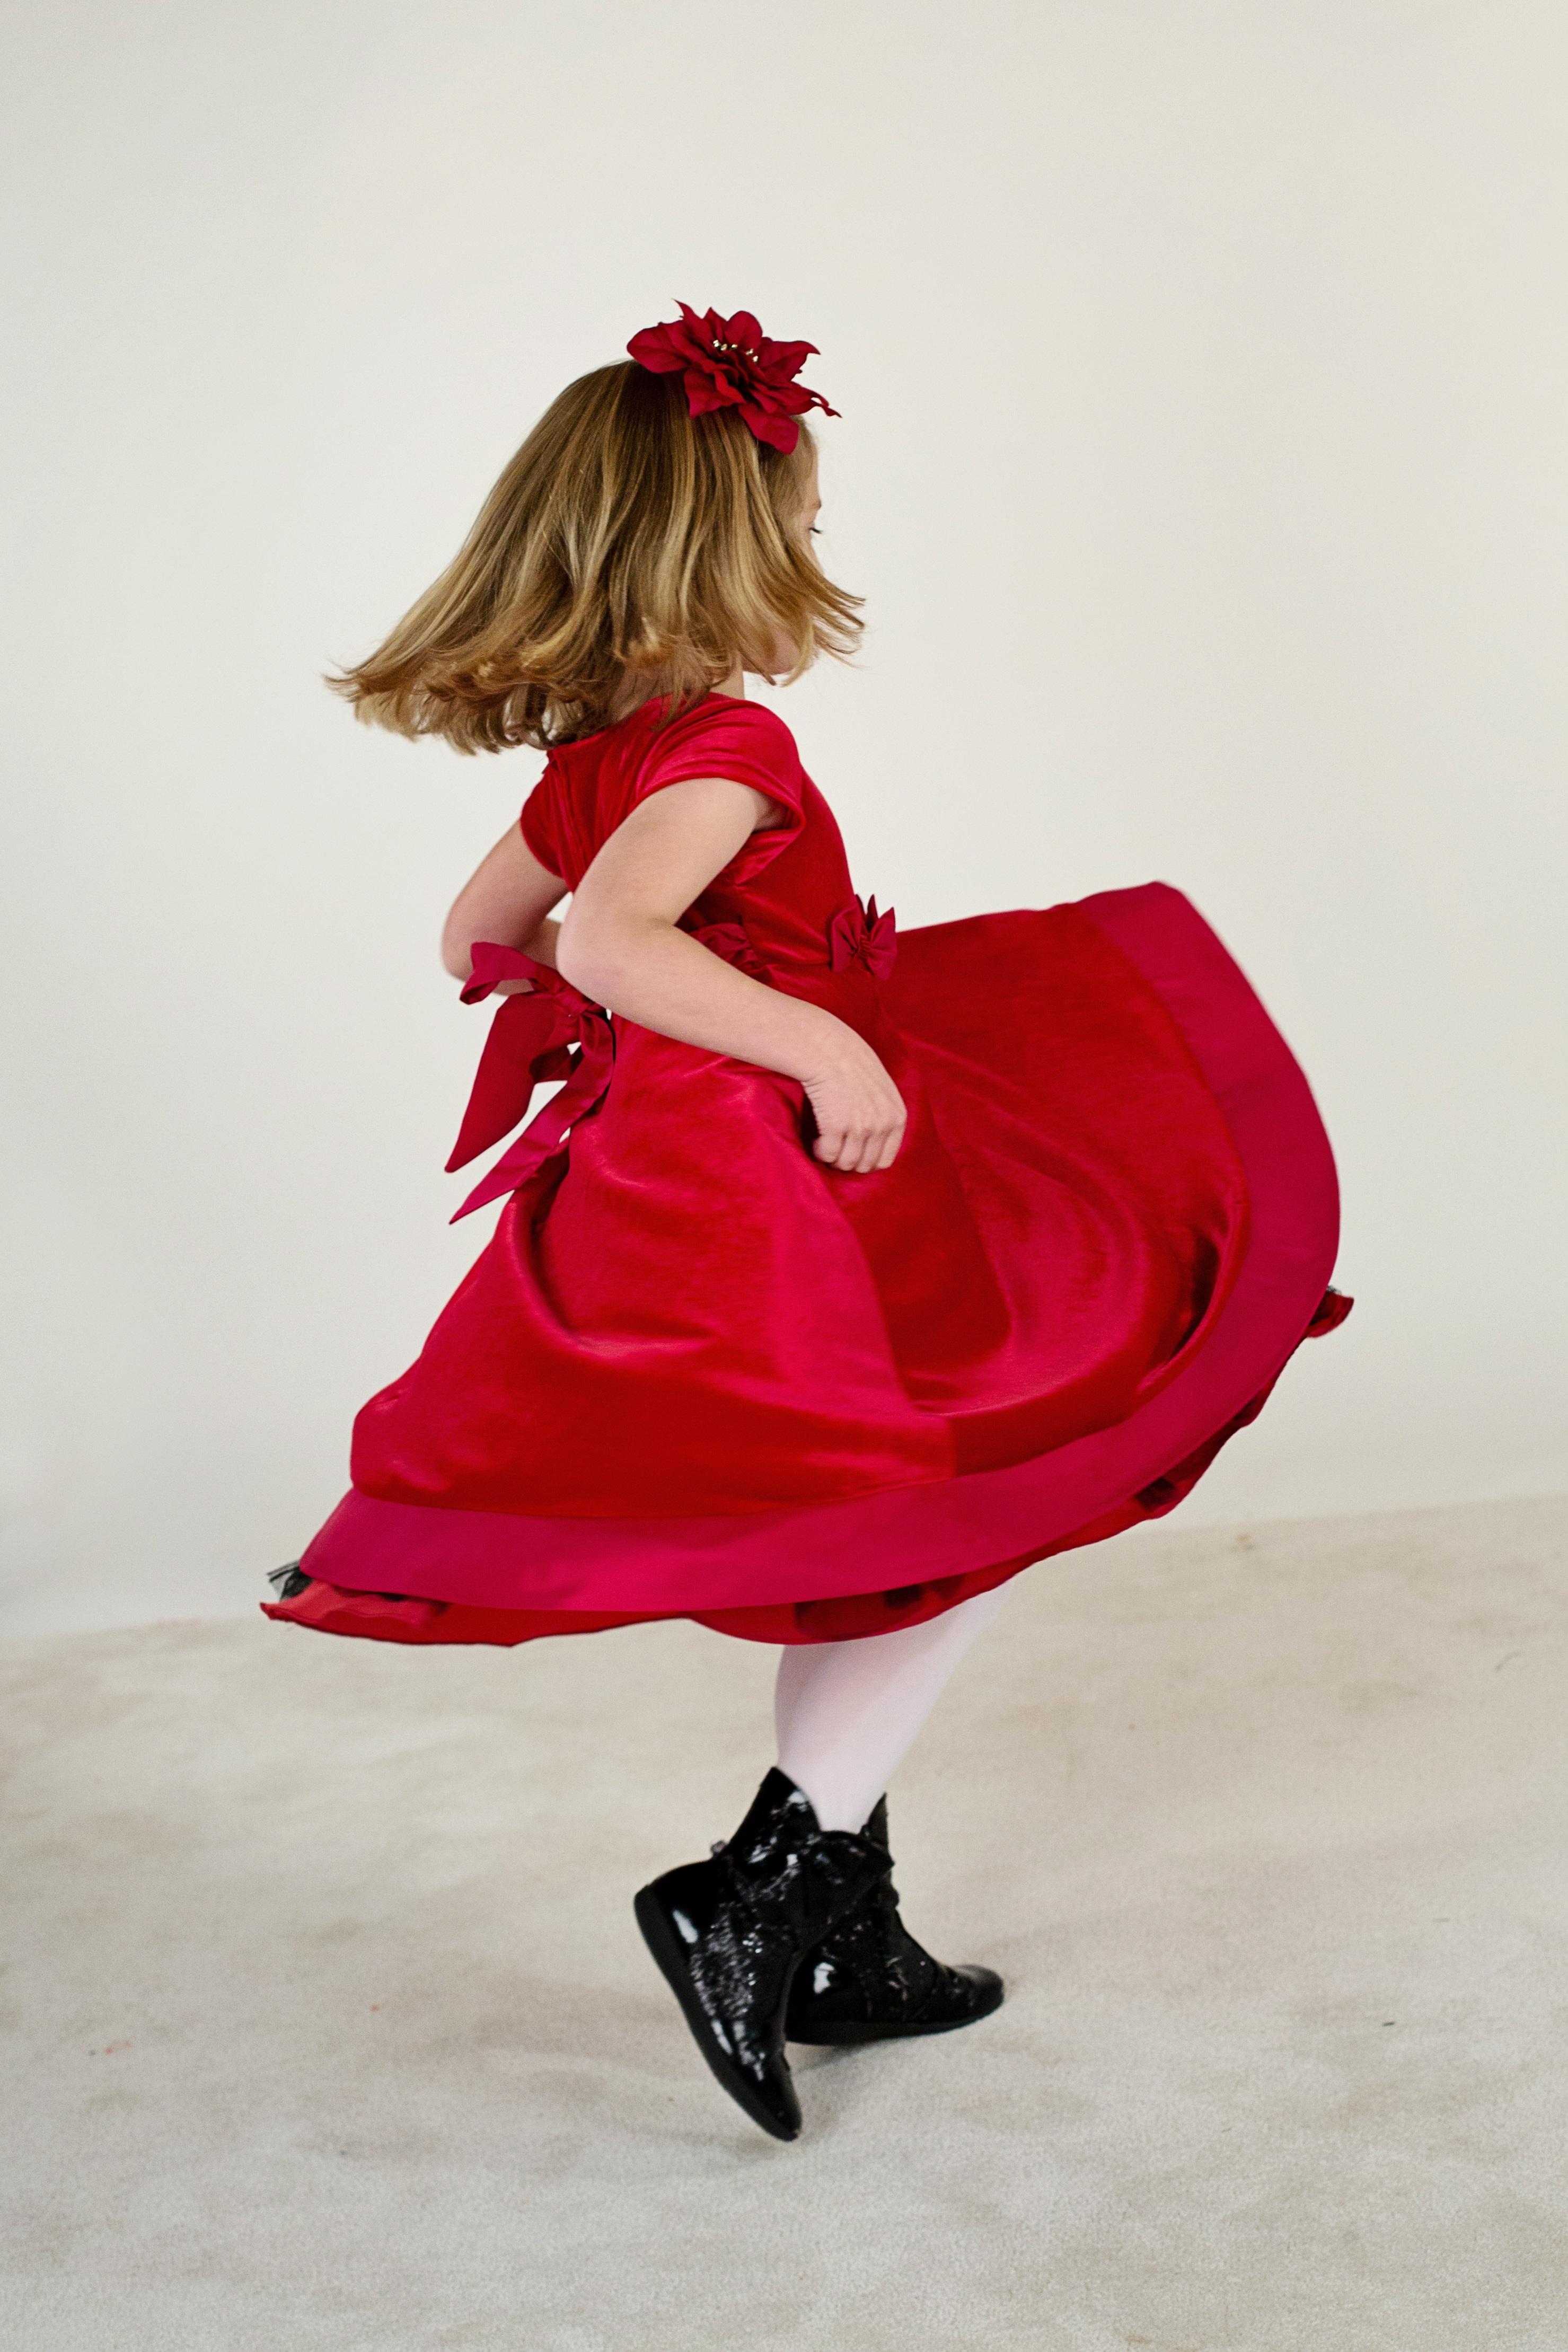 5ceb281cc90 fille fonctionnement mignonne Danse printemps rouge enfant mode Vêtements  Dame rose enfance Coiffure espiègle de bonne